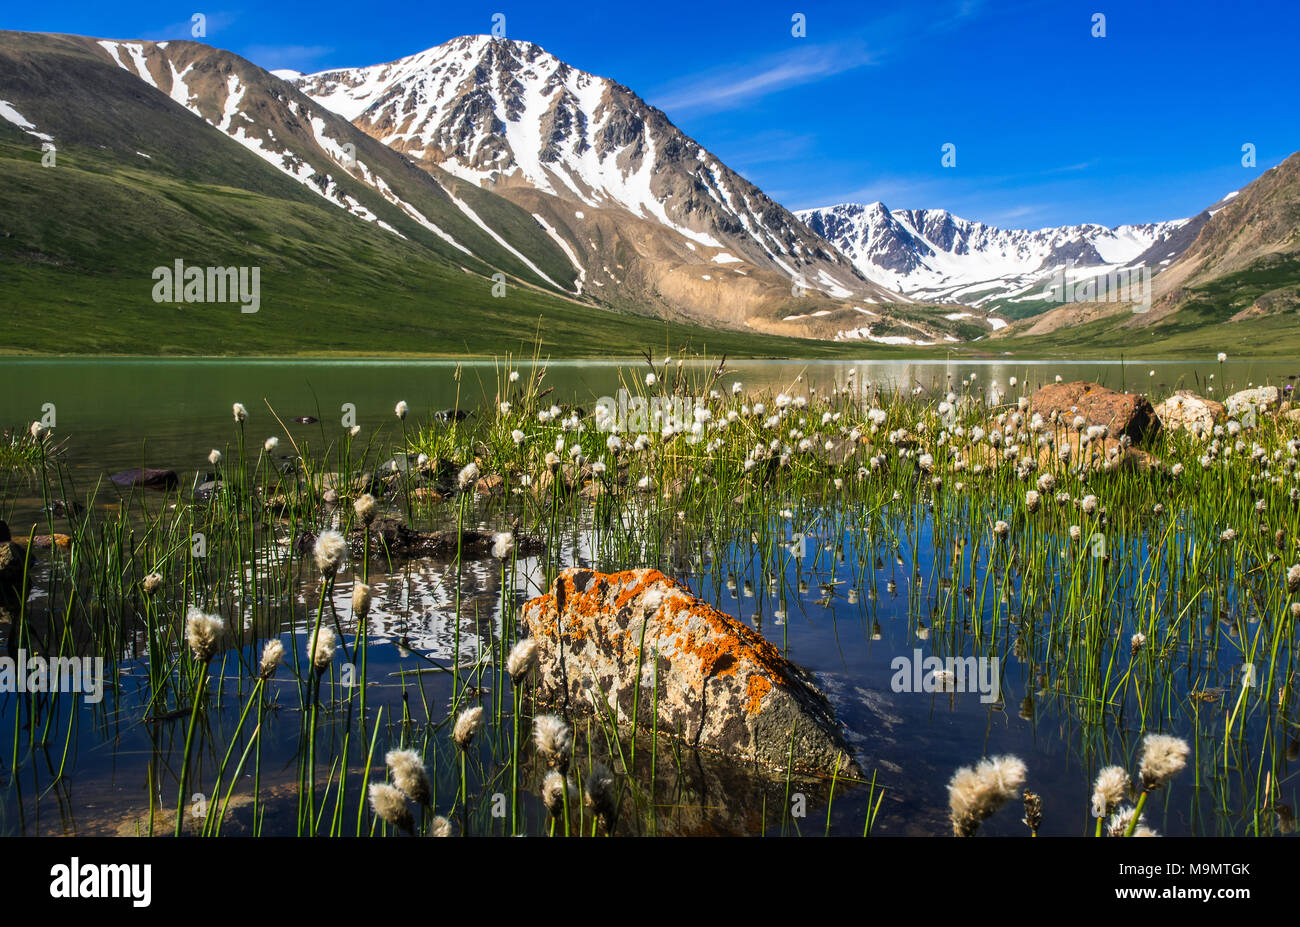 Blühende Vegetation, Wollgras (Eriophorum) und See, die schneebedeckten Altai Gebirge im Rücken, Mongolei Stockbild